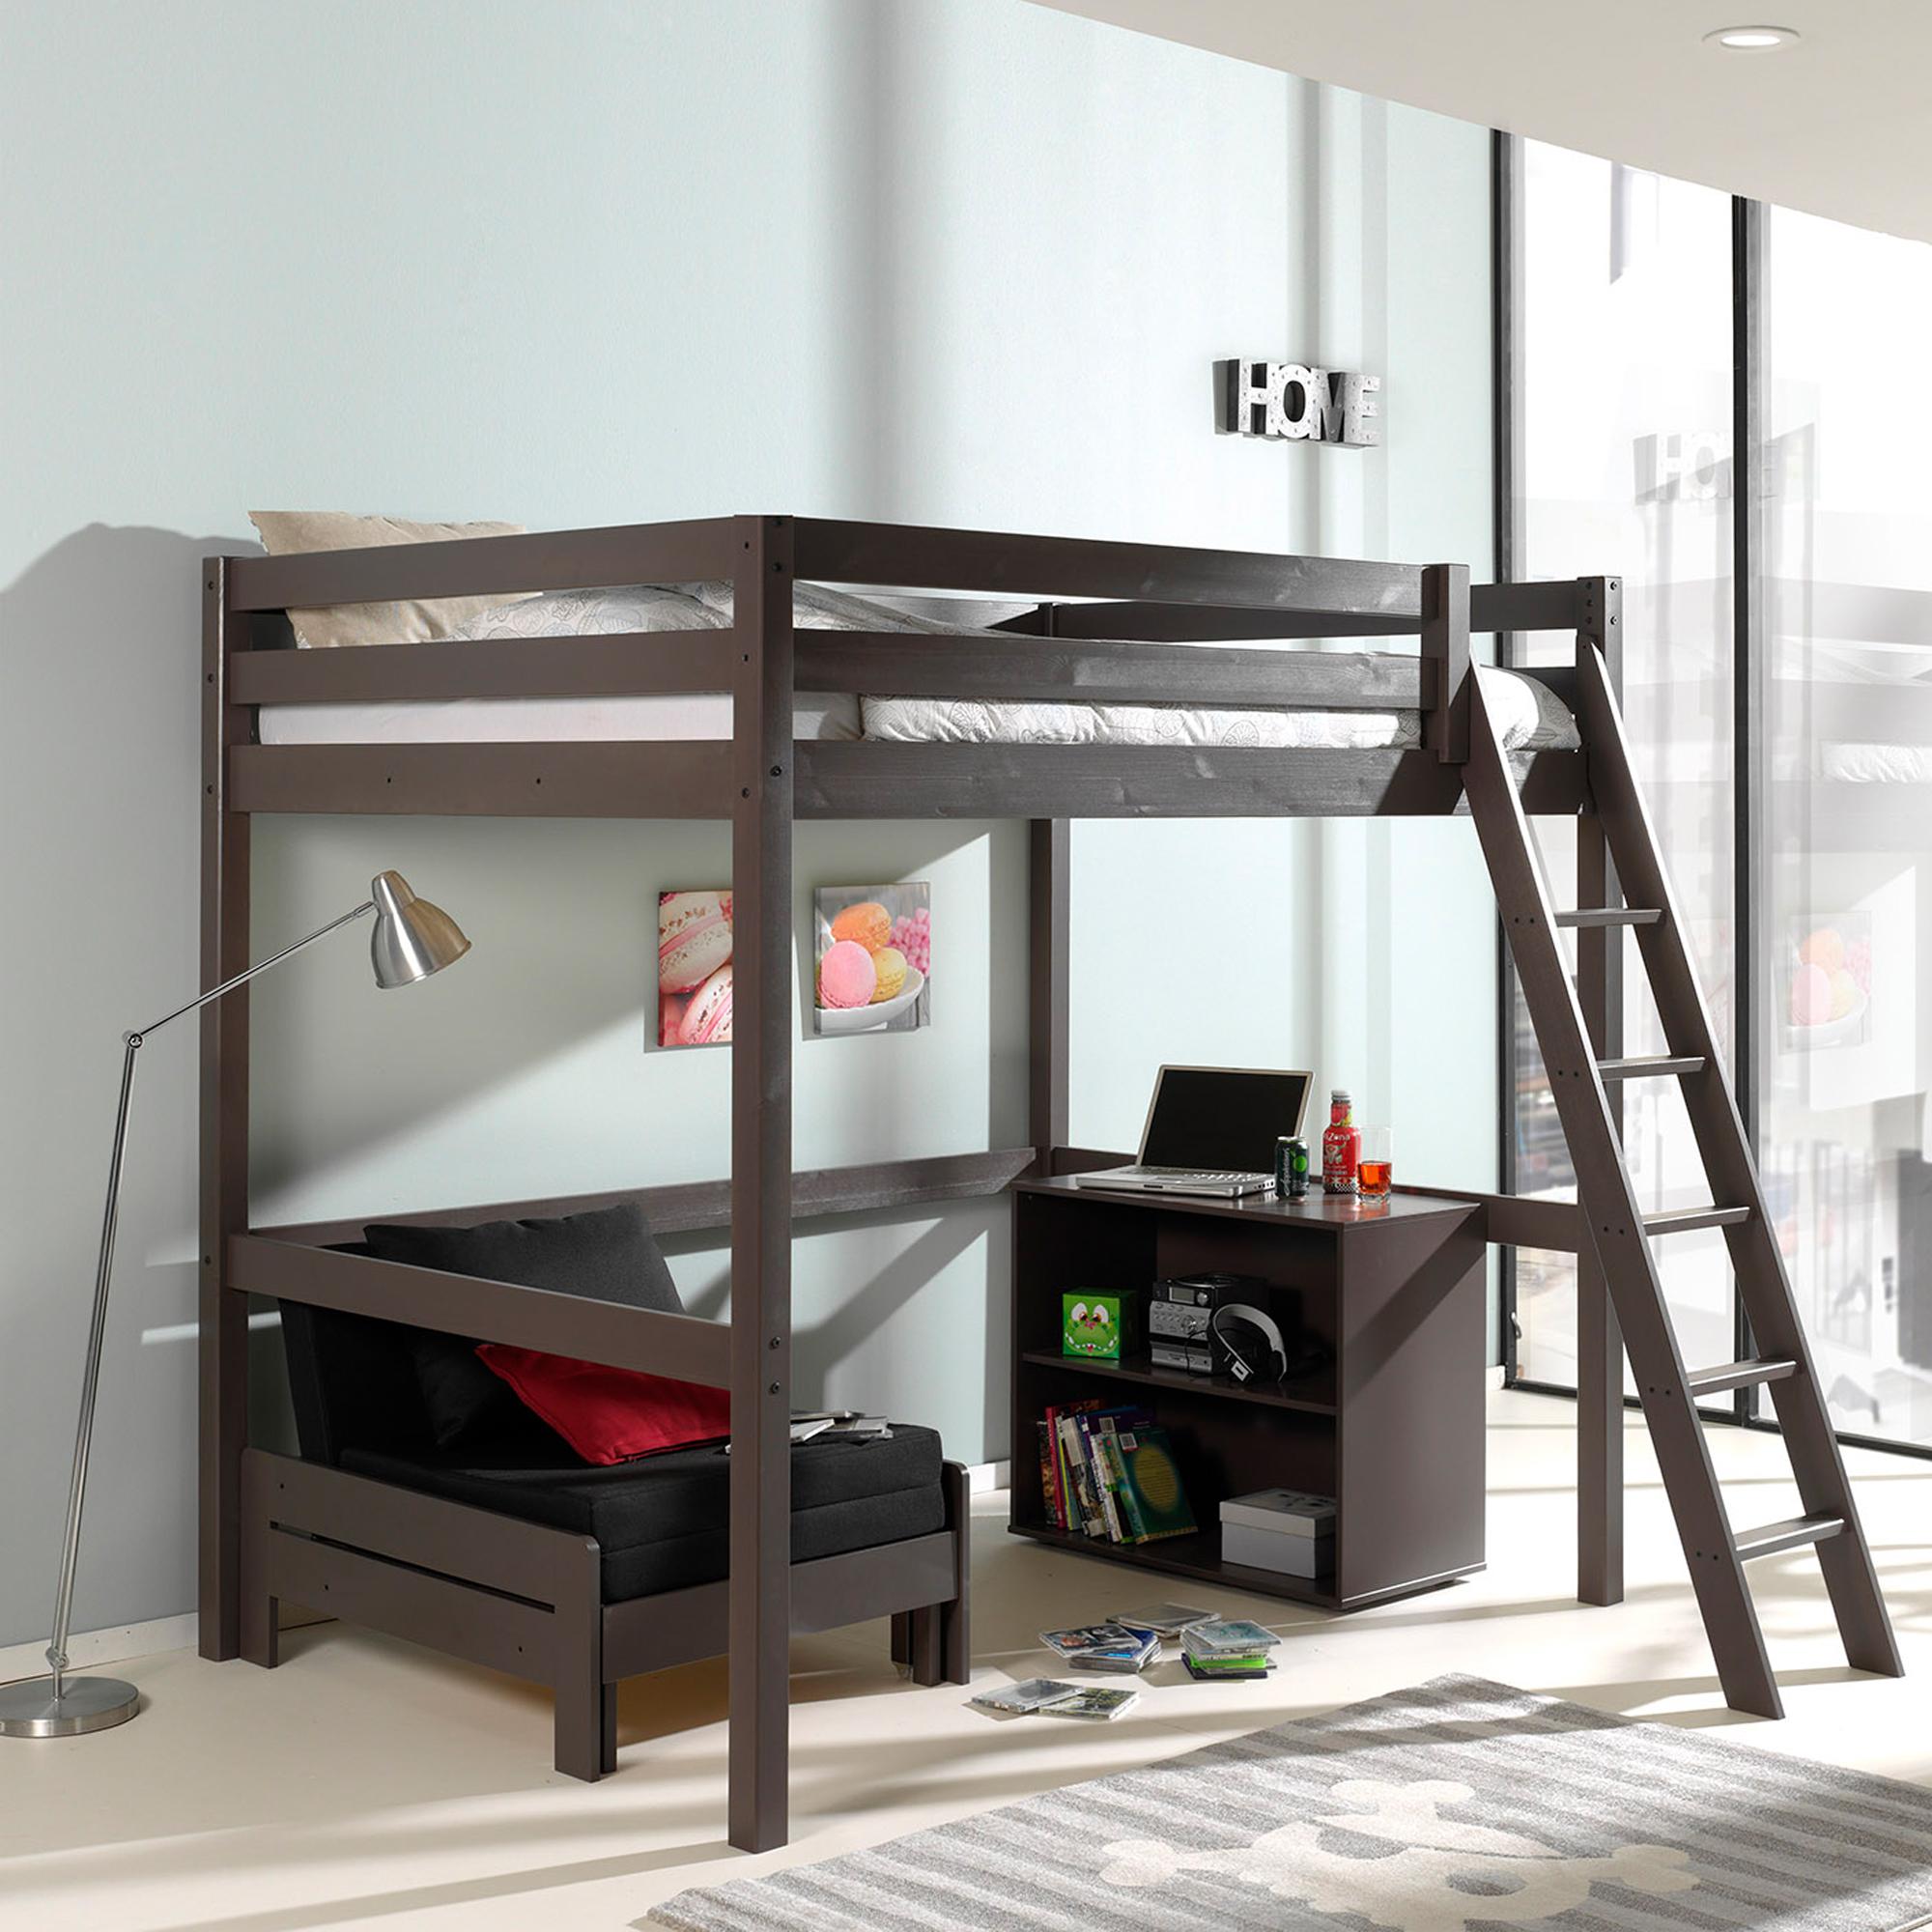 Hochbett pino mit schlafsessel liegefl che 140 x 200 cm for Funktionsbetten jugendzimmer